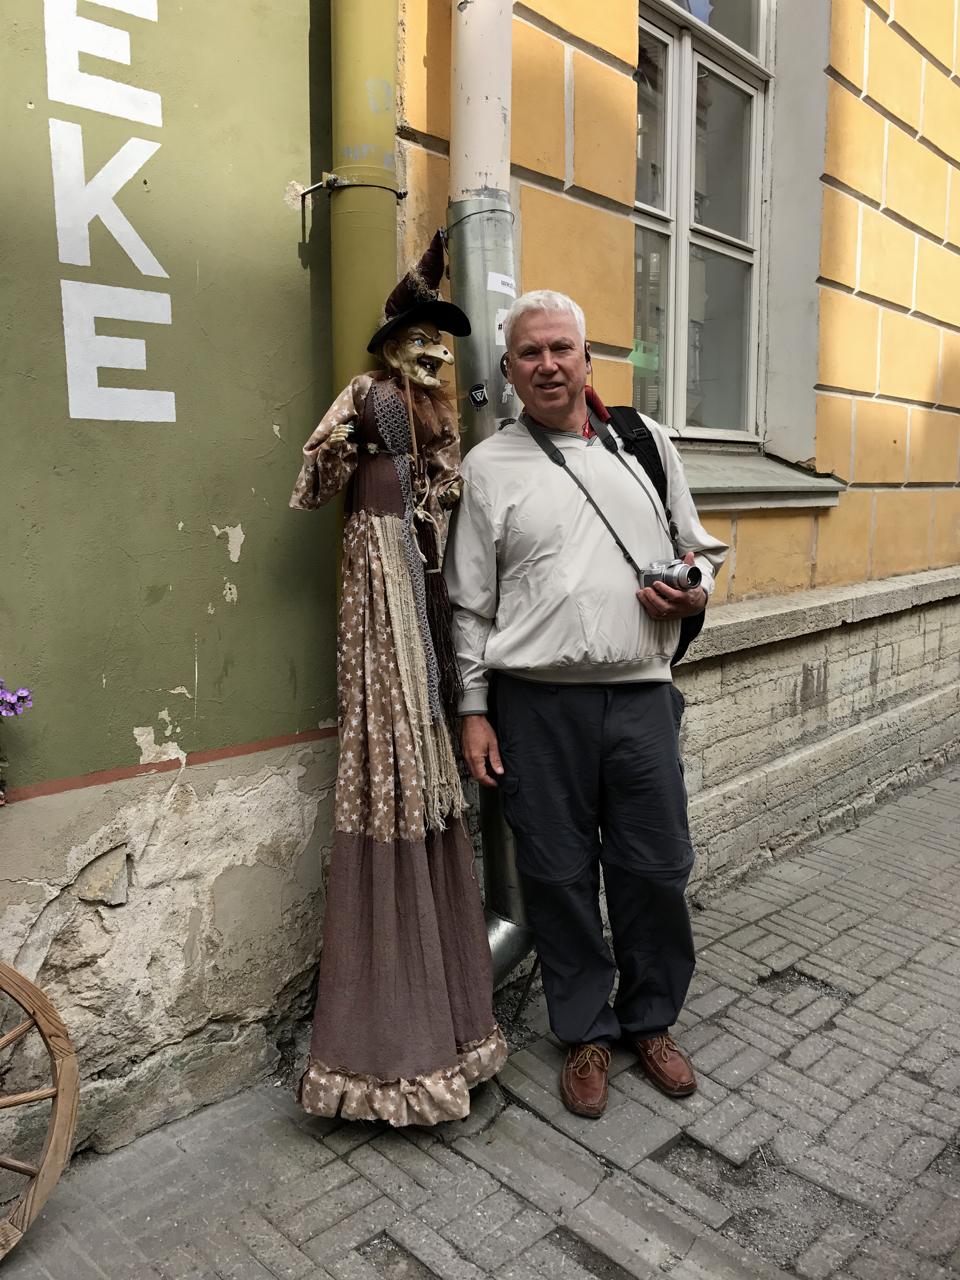 Teri_Tallin_Estonia Baltics_travel_spiritedtable_photot31.jpg